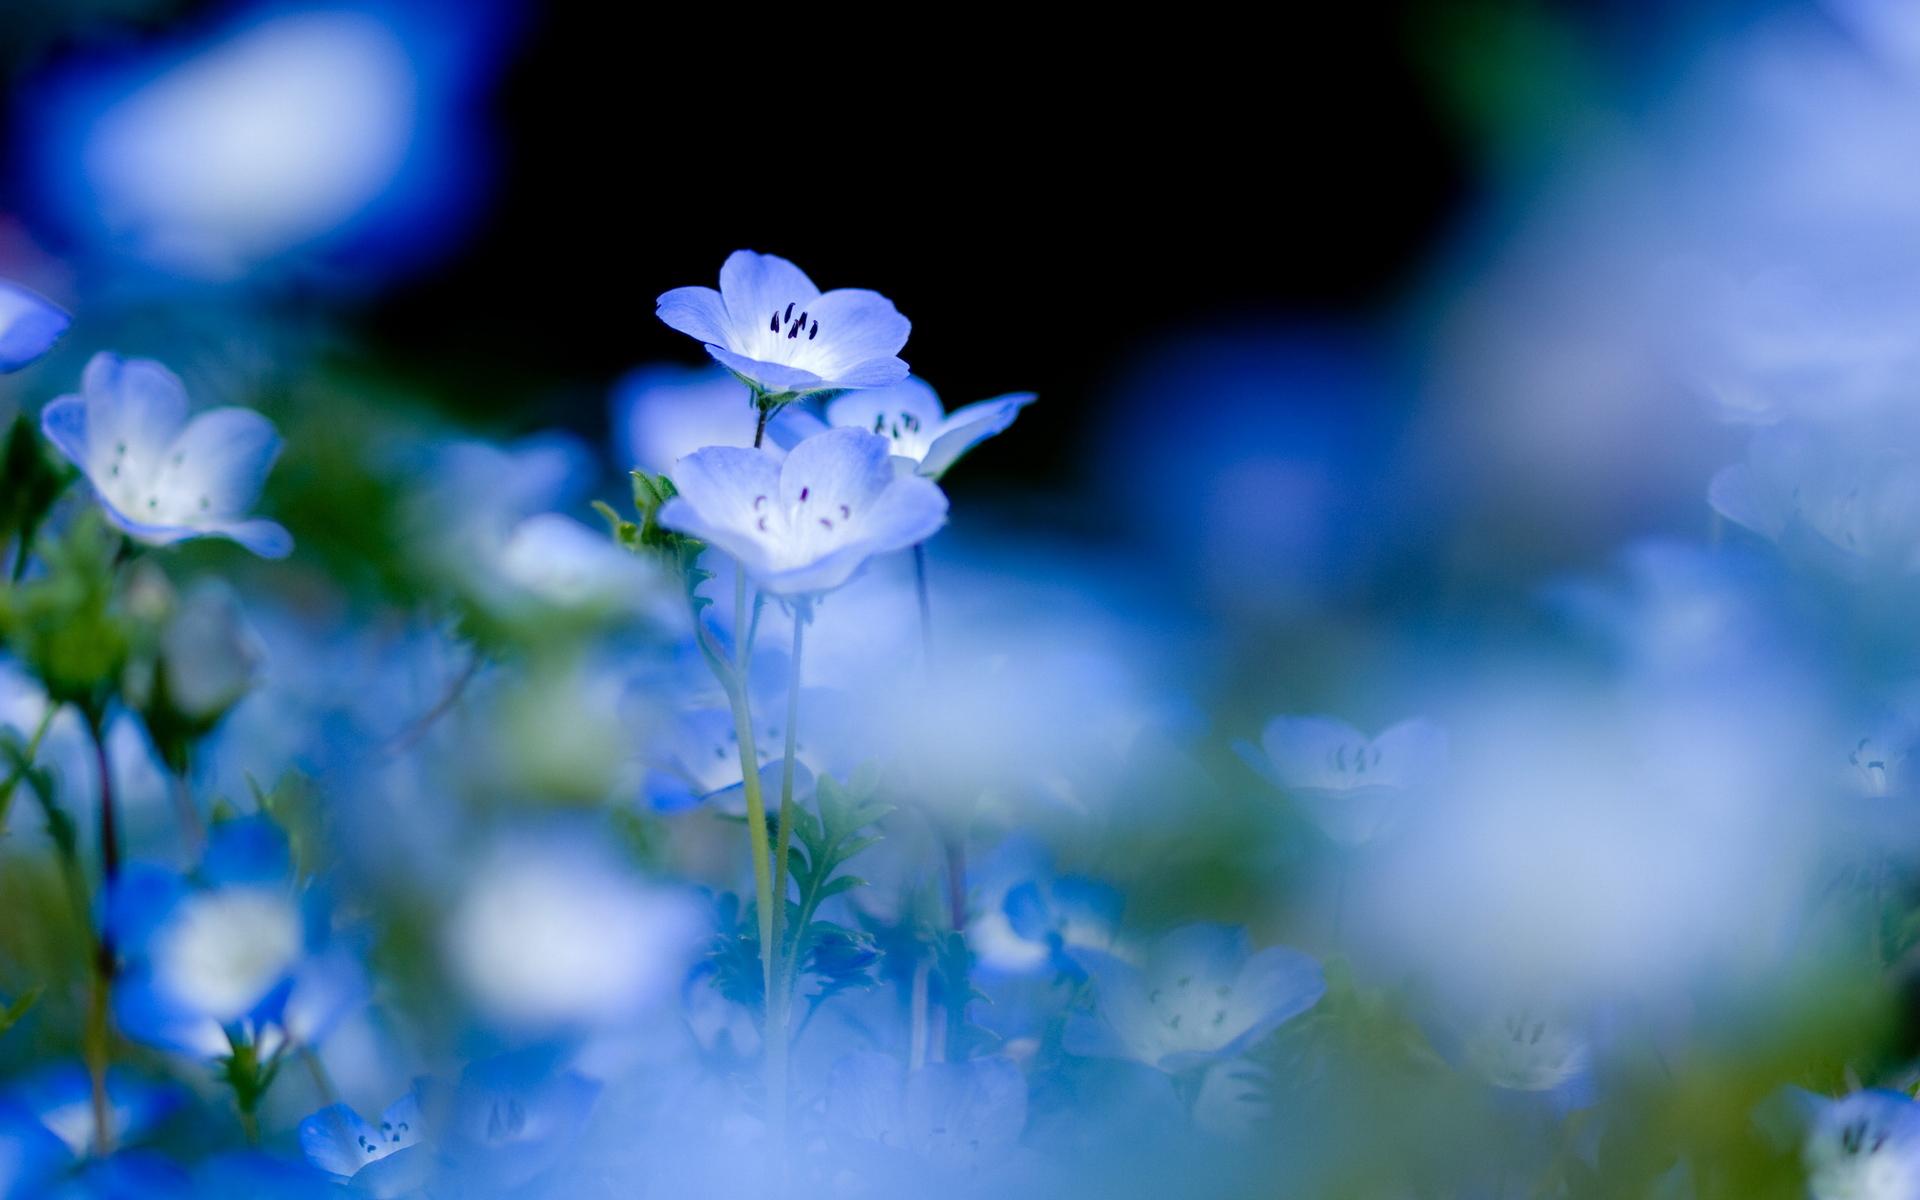 13460 Hintergrundbild herunterladen Pflanzen, Blumen - Bildschirmschoner und Bilder kostenlos